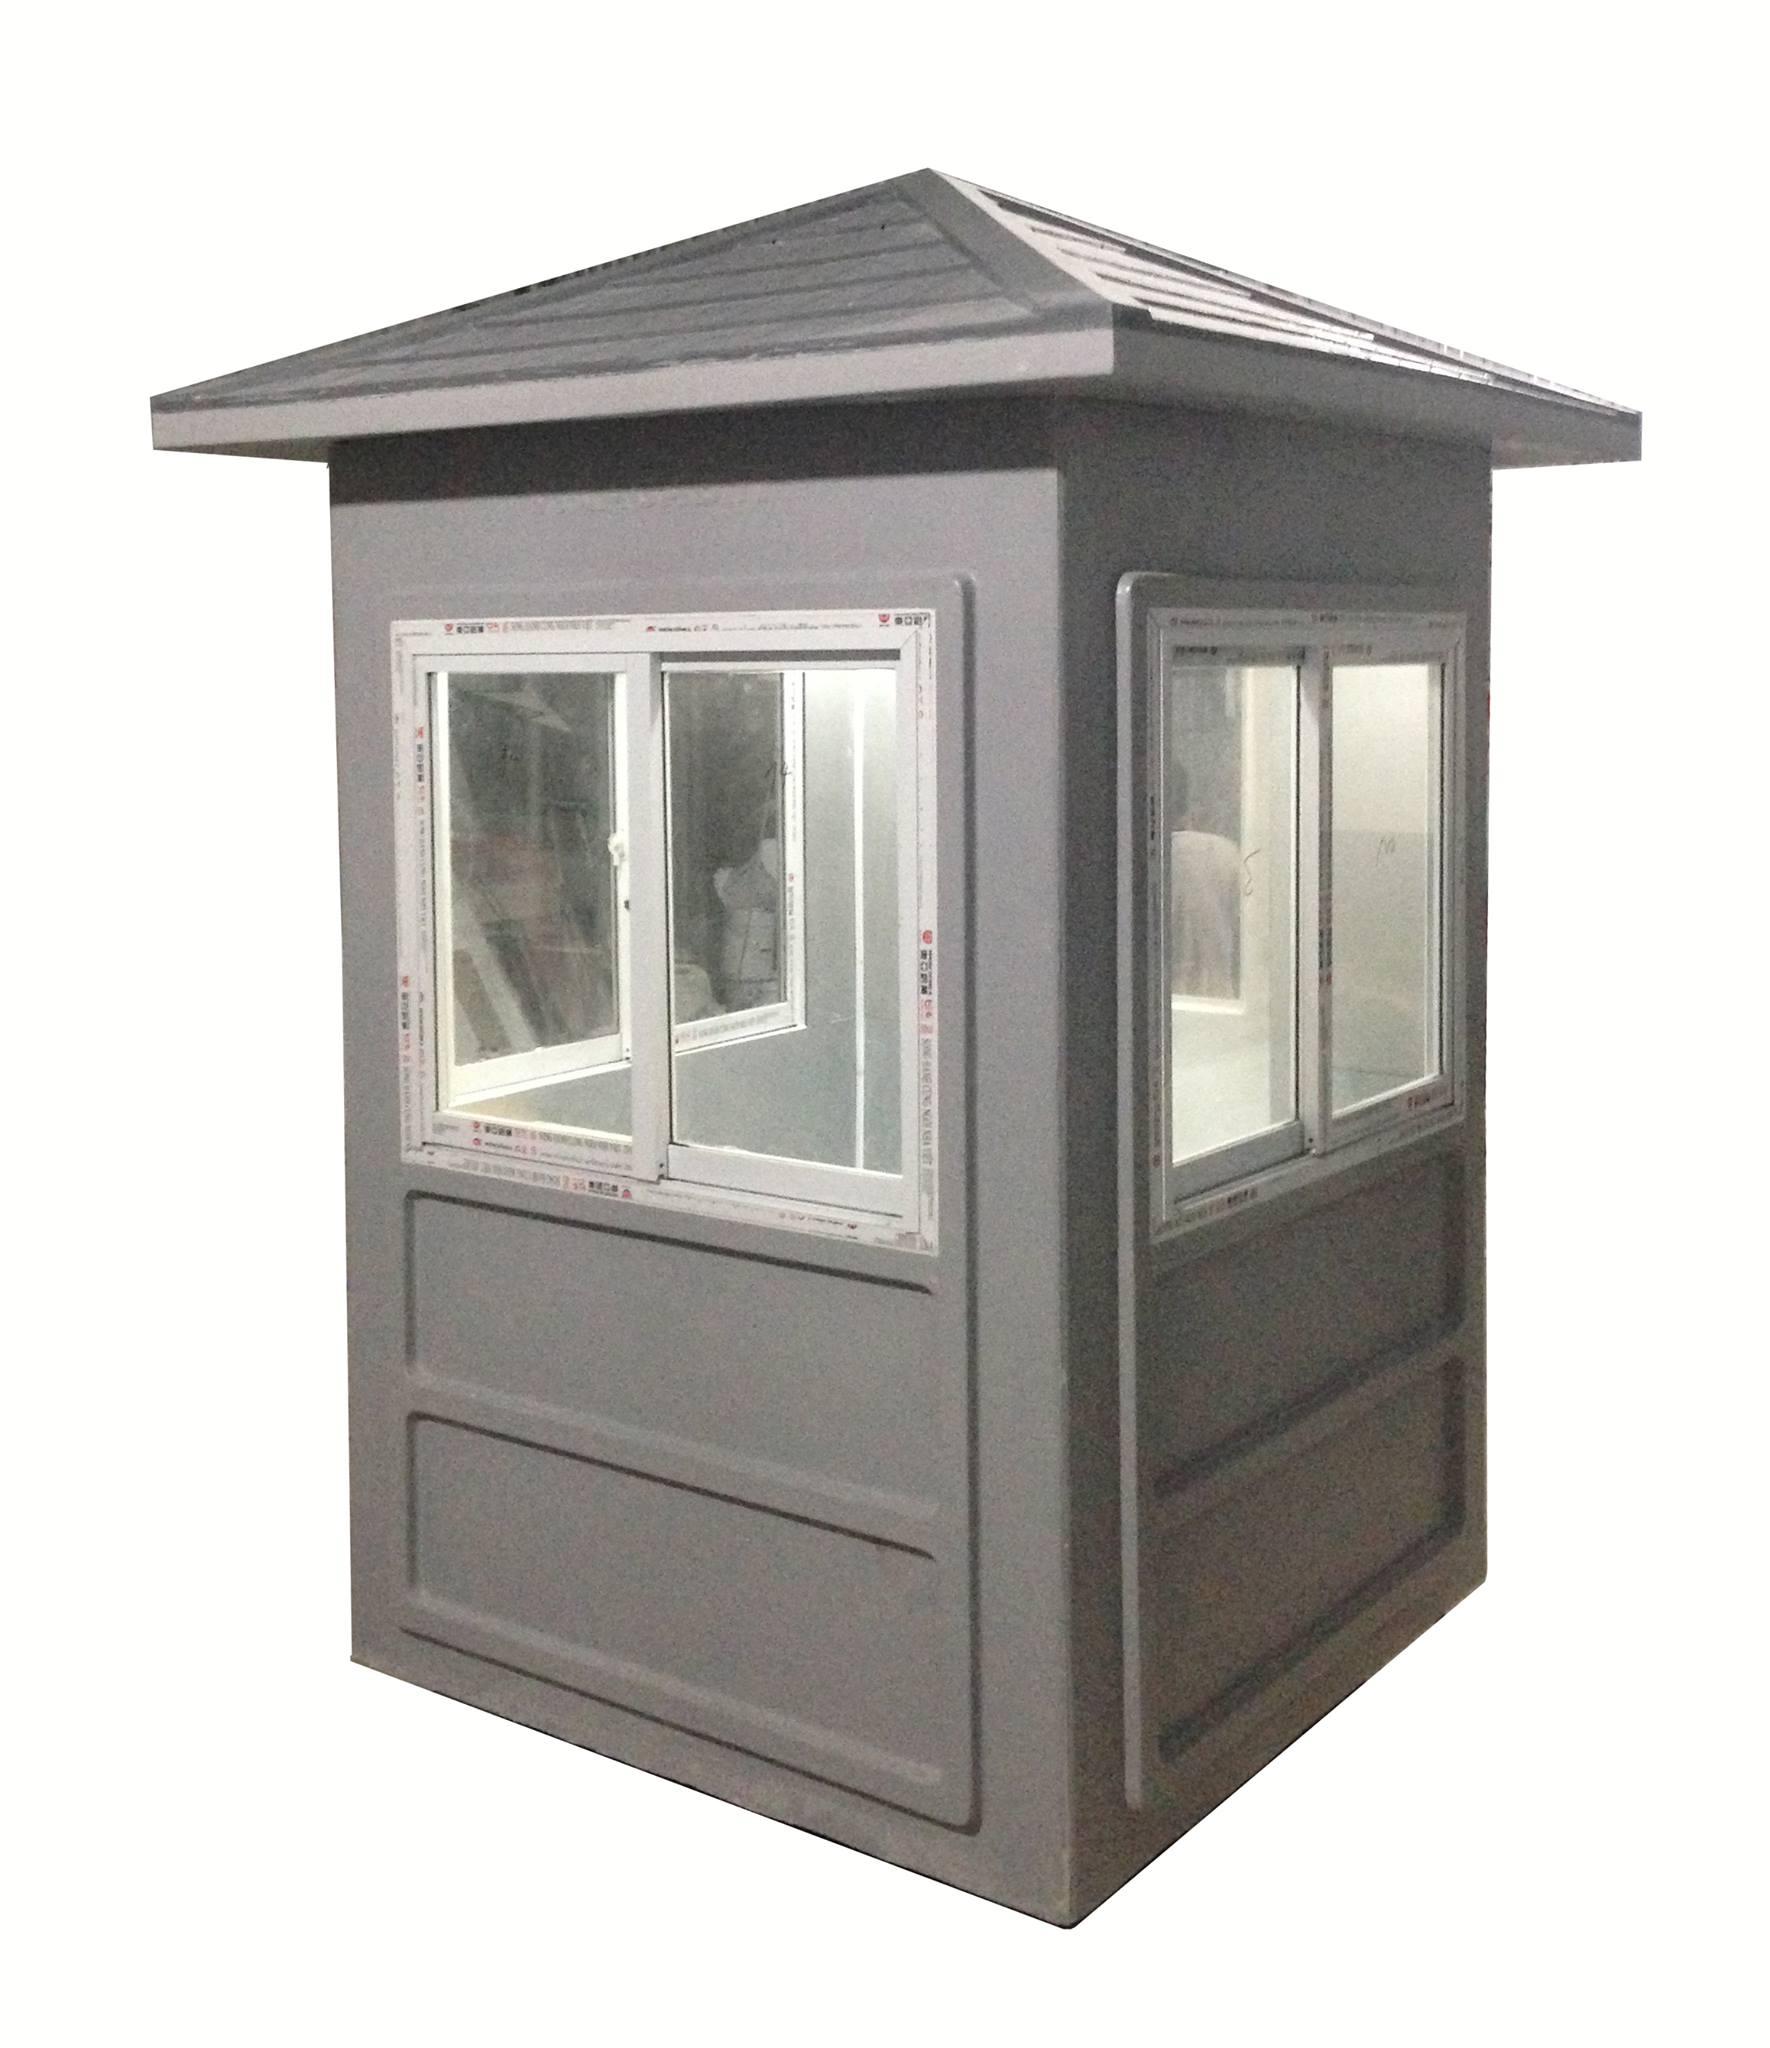 Nhà bảo vệ composite mái nhọn